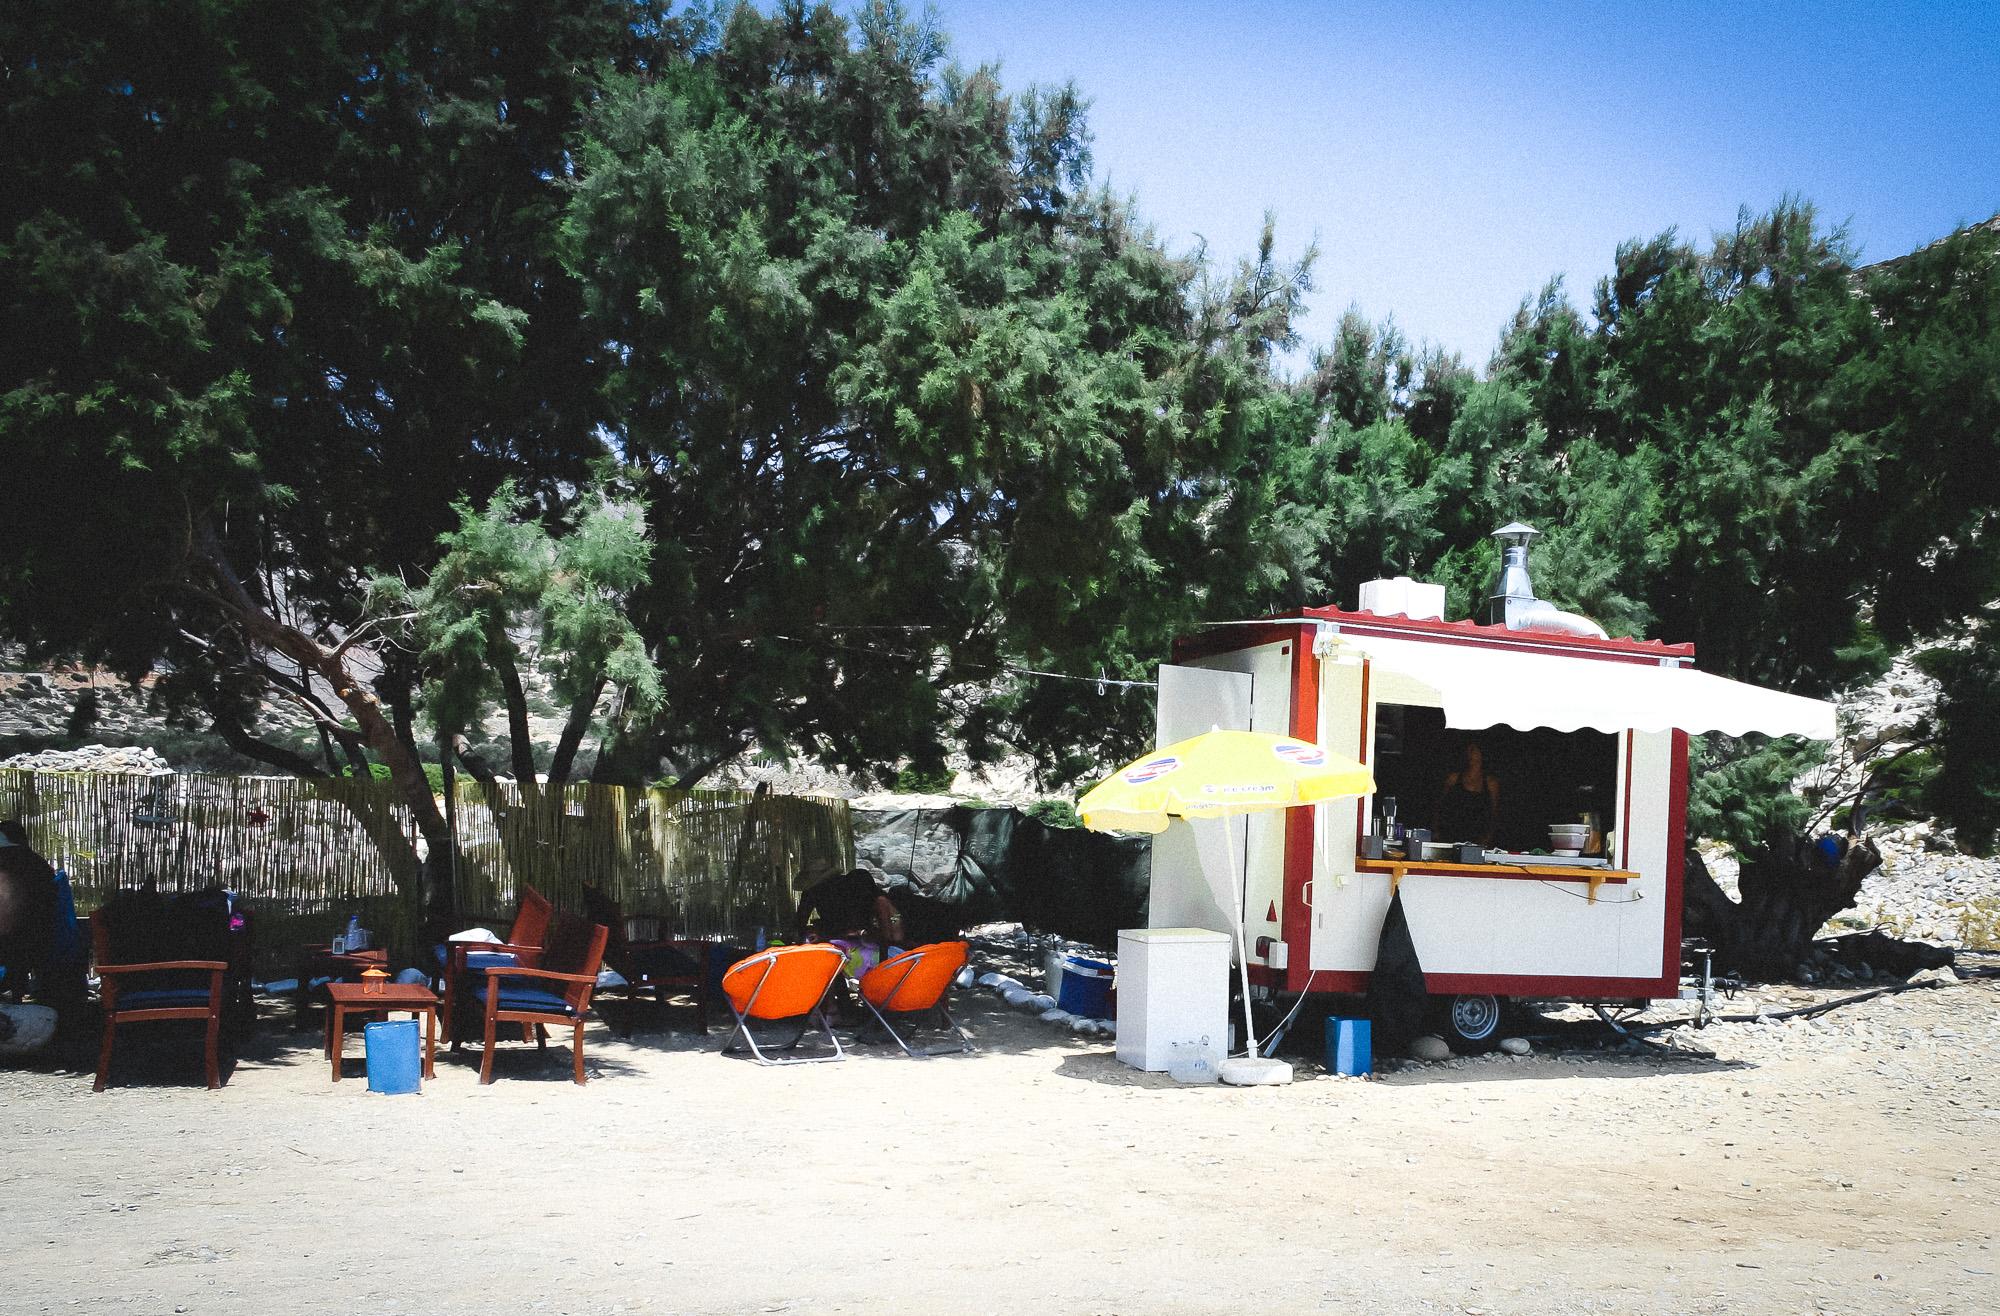 kantina-helatros-kasos-greece-stemajourneys.com.jpg